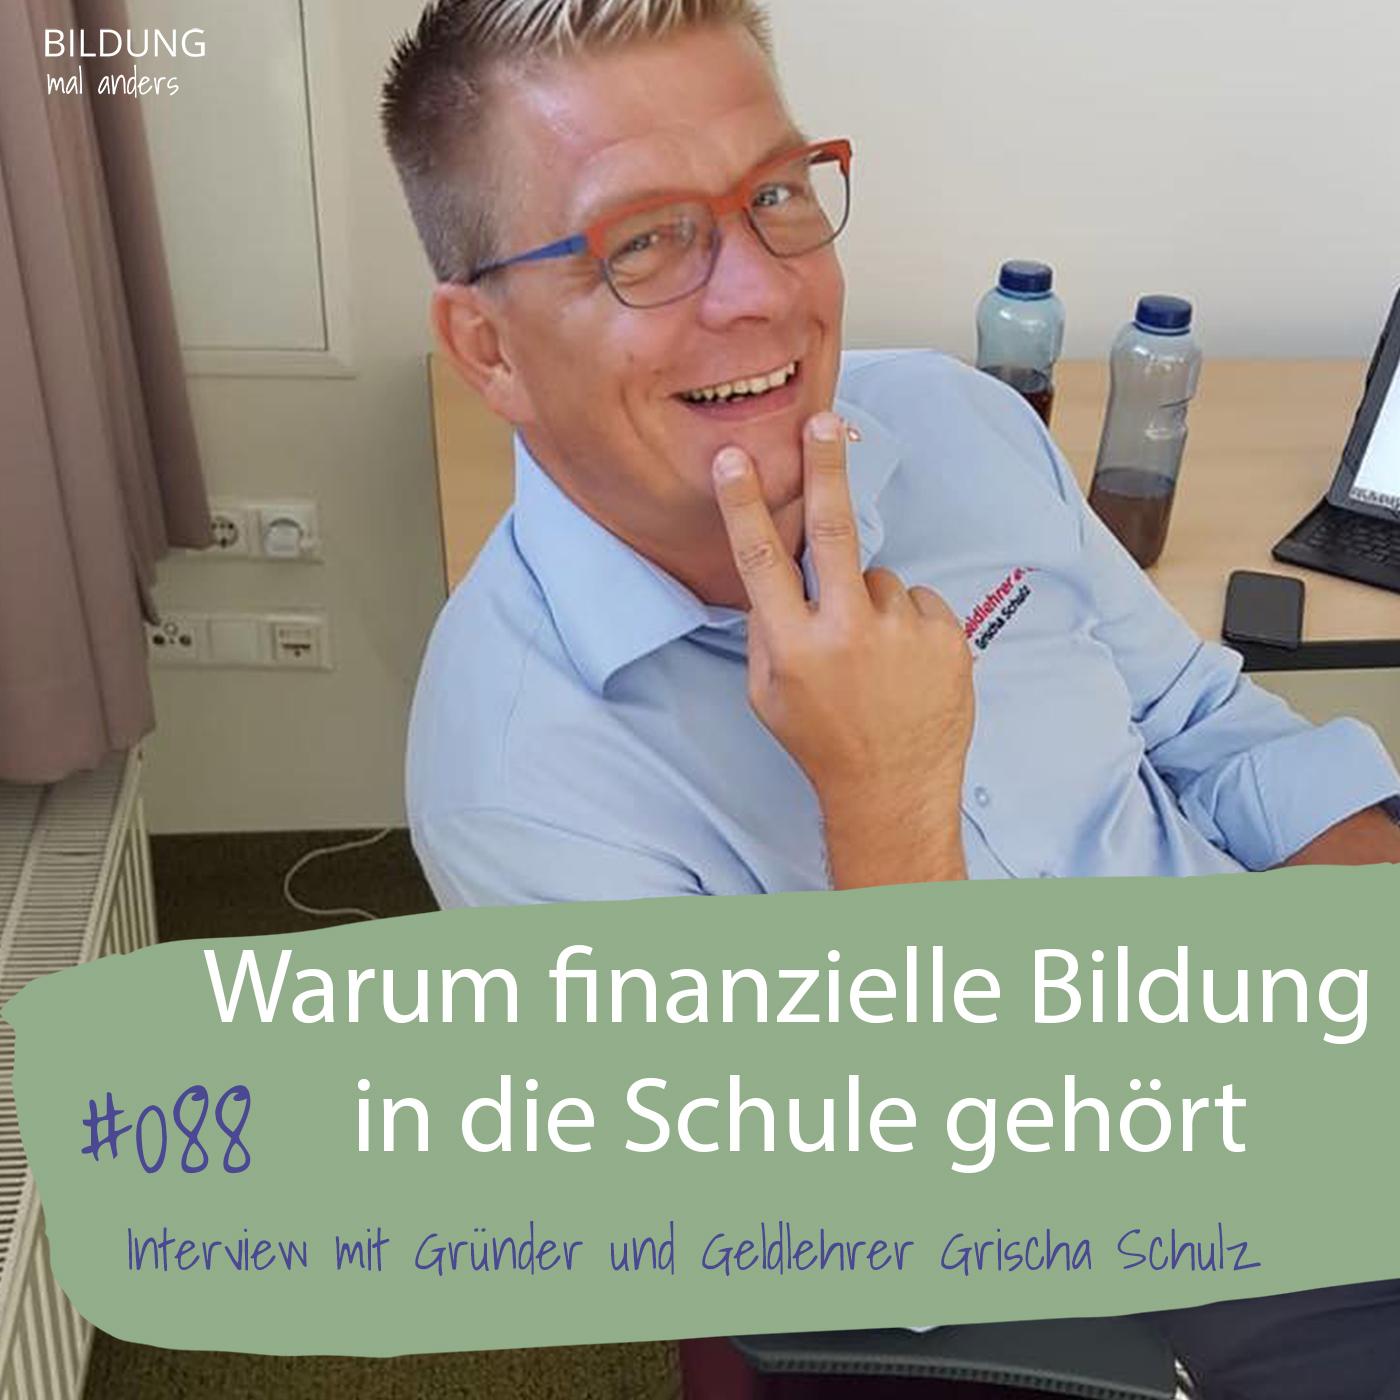 Warum finanzielle Bildung in die Schule gehört mit Geldlehrer Grischa Schulz